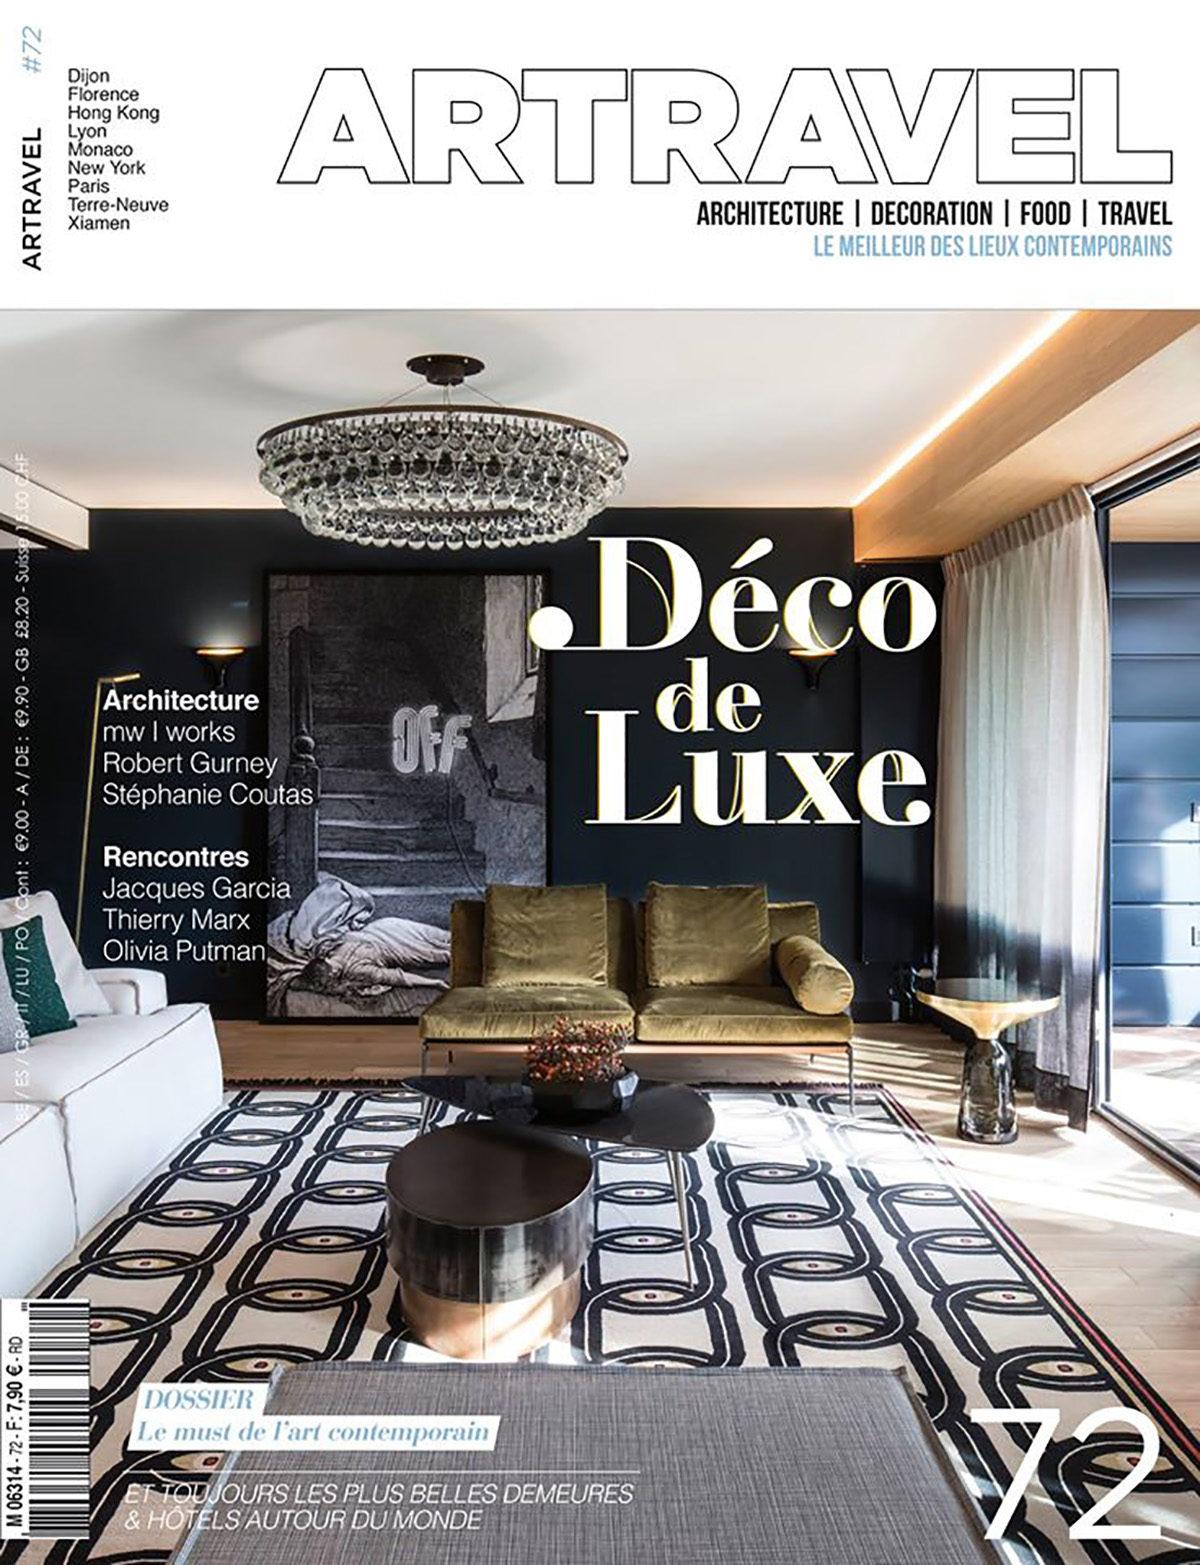 Parution presse ART TRAVEL 2016 Claude Cartier décoration architecte d'intérieur à Lyon.